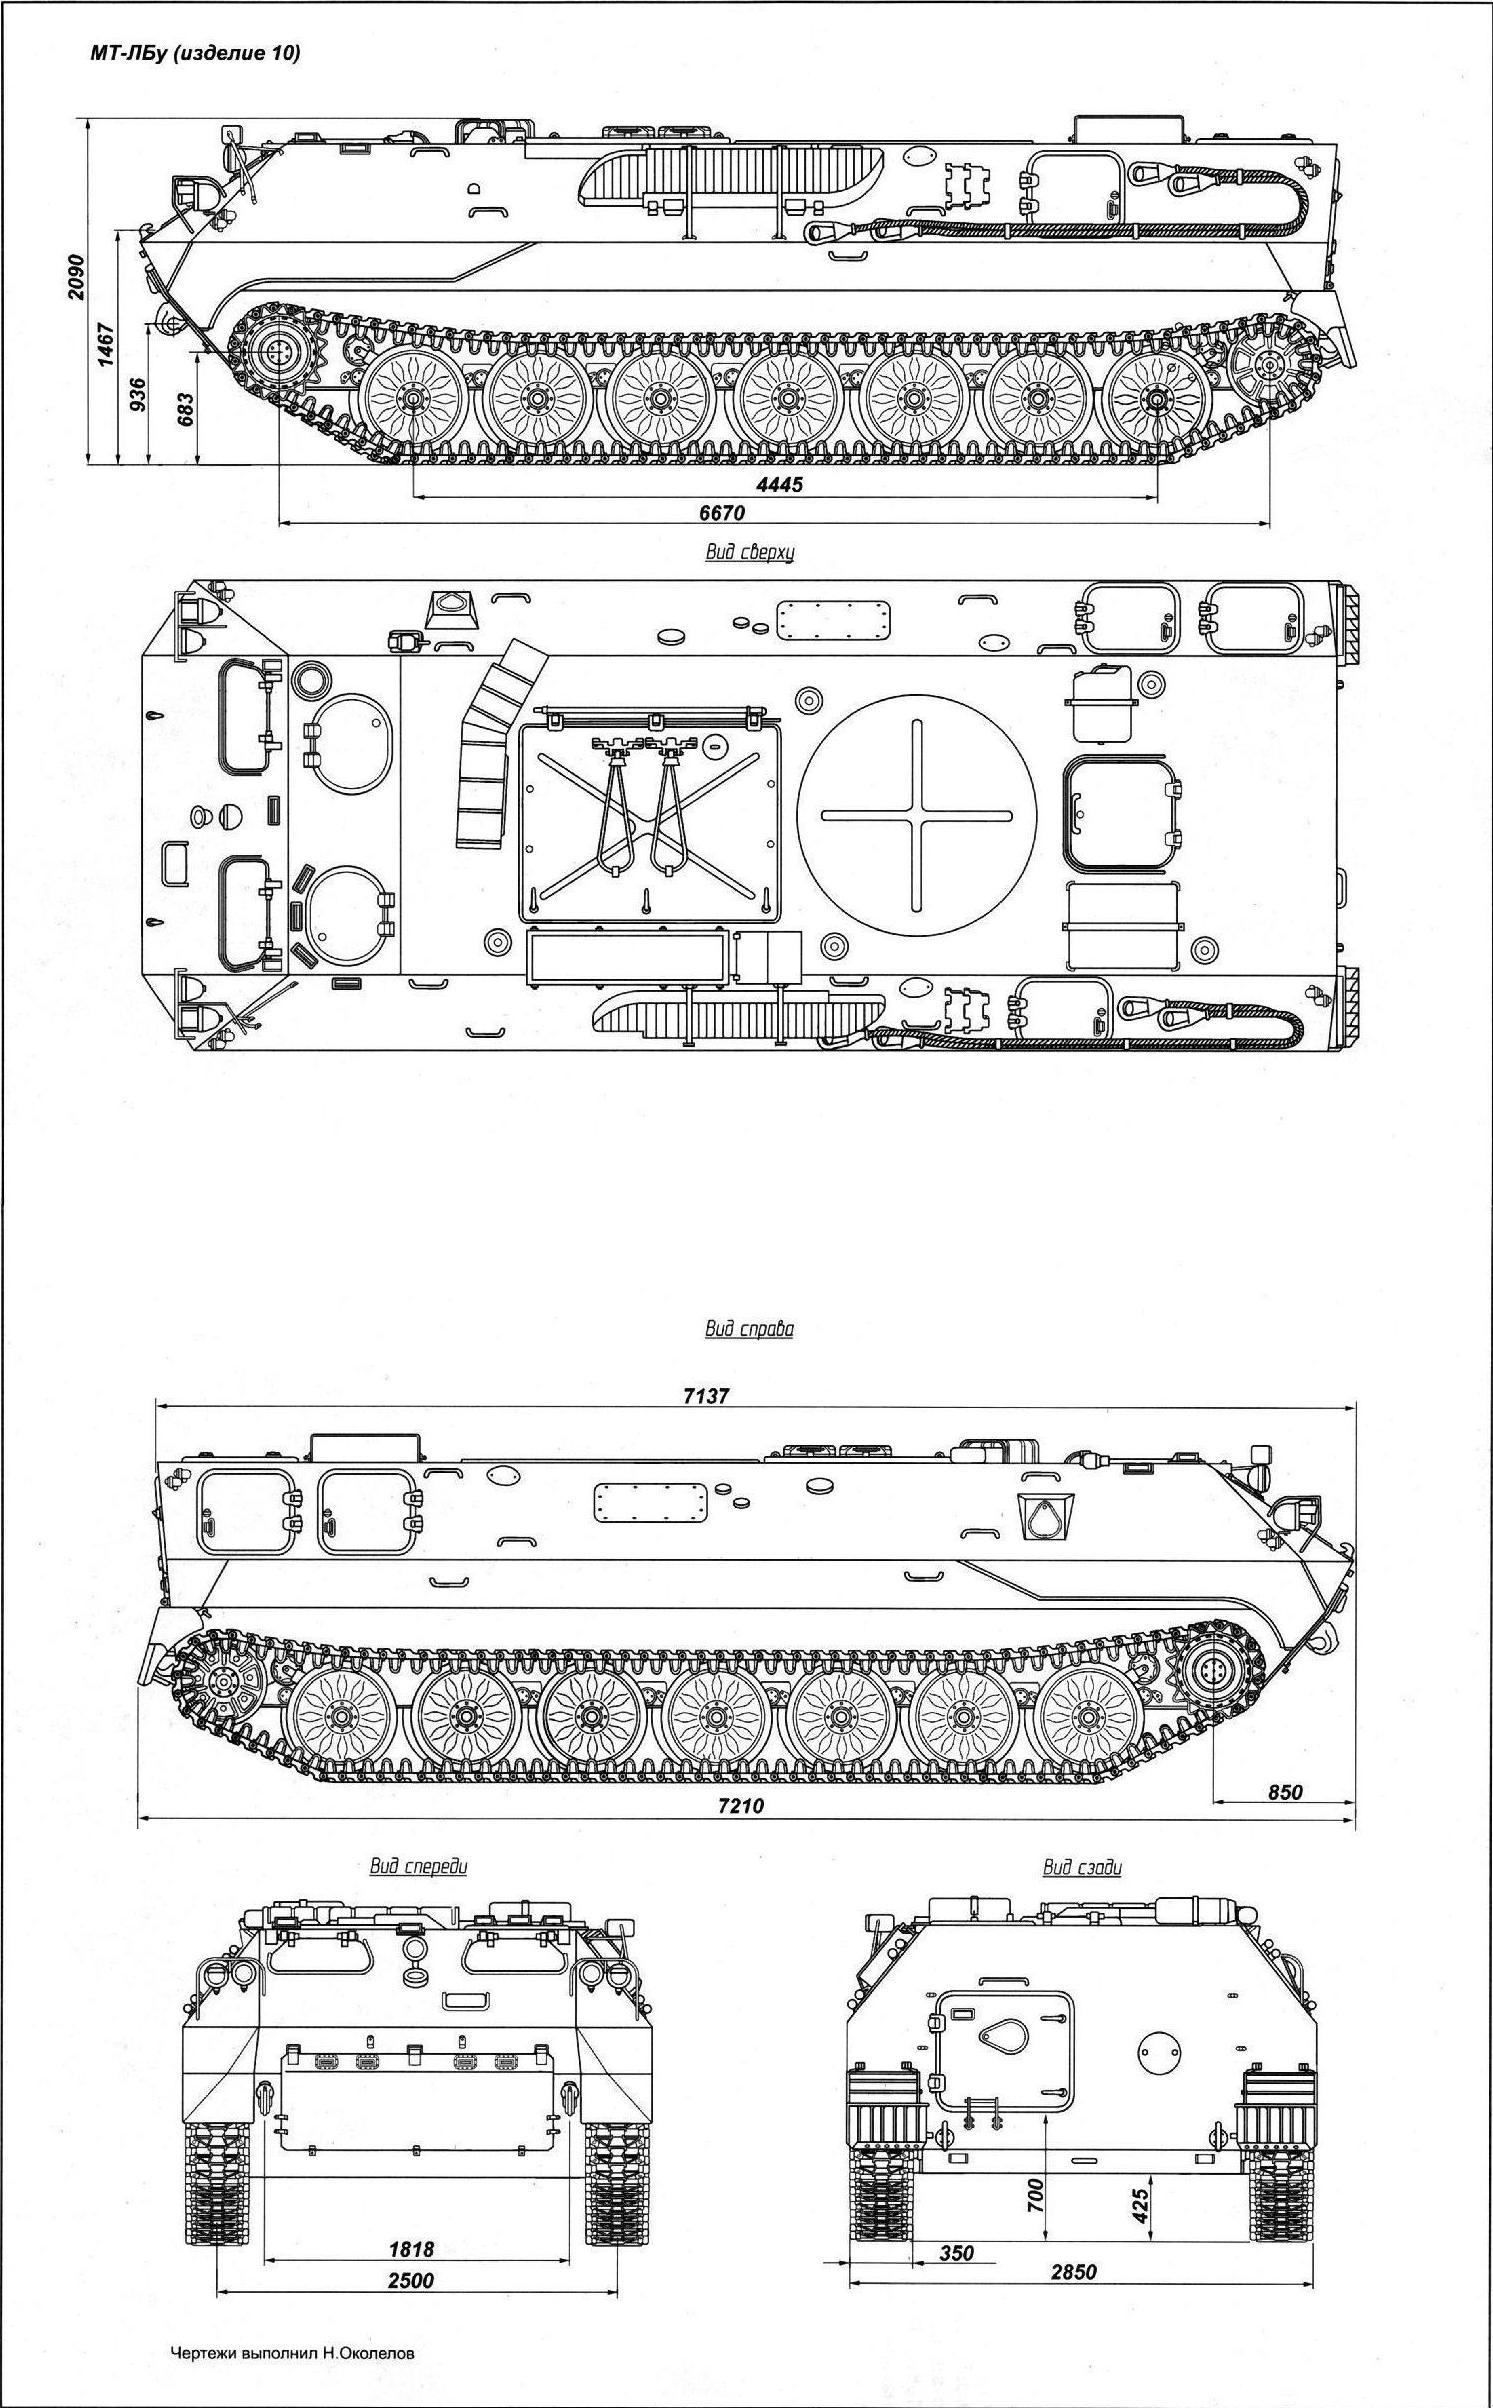 MT-LBu blueprint